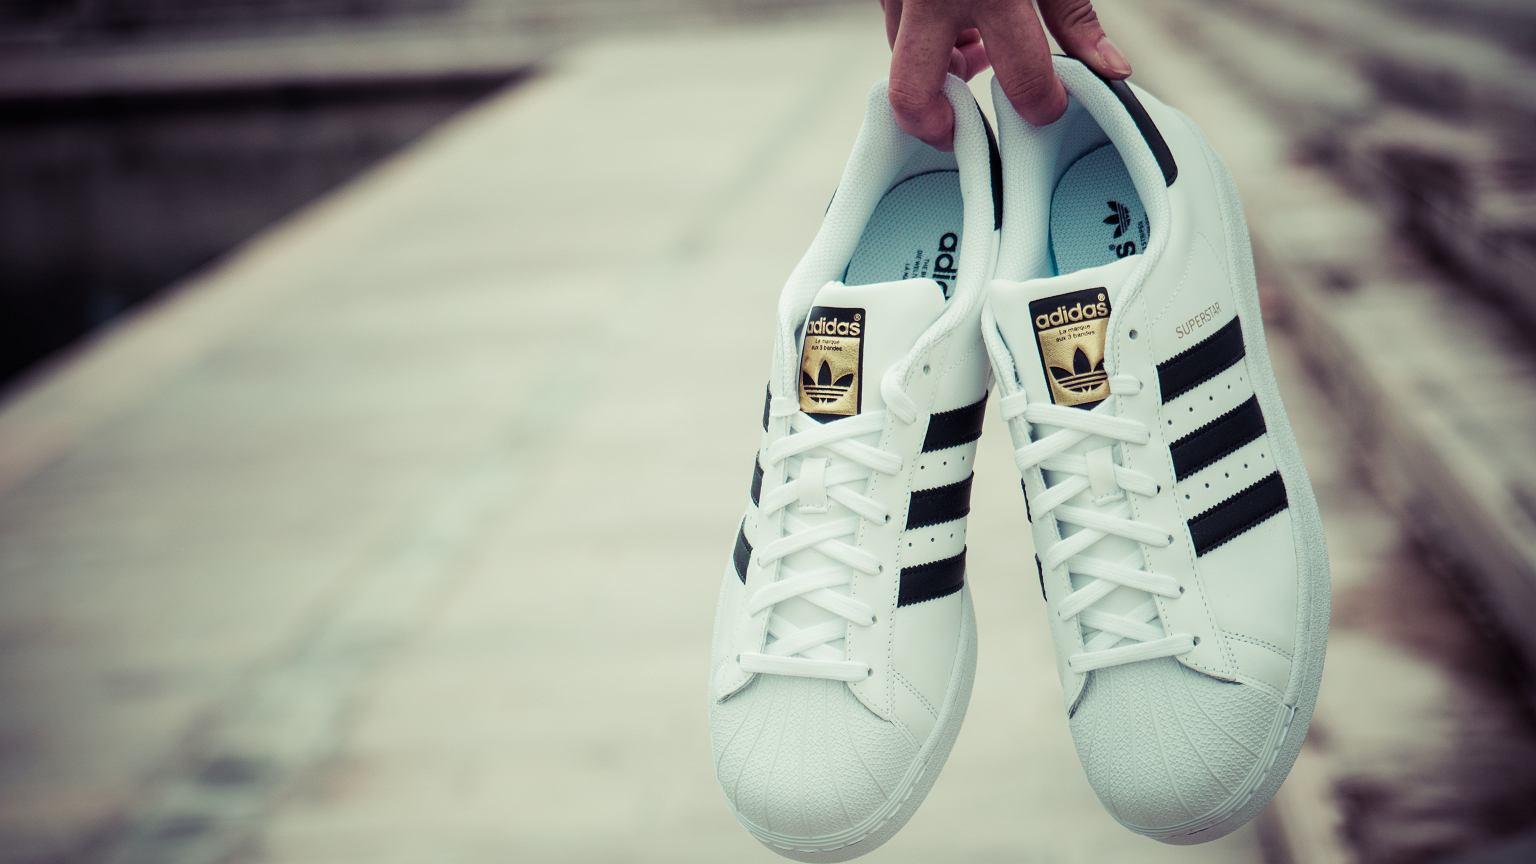 3b47f9d012843 Adidas Superstar - legenda miejskiego stylu. Wybrałyśmy modele do  codziennych stylizacji